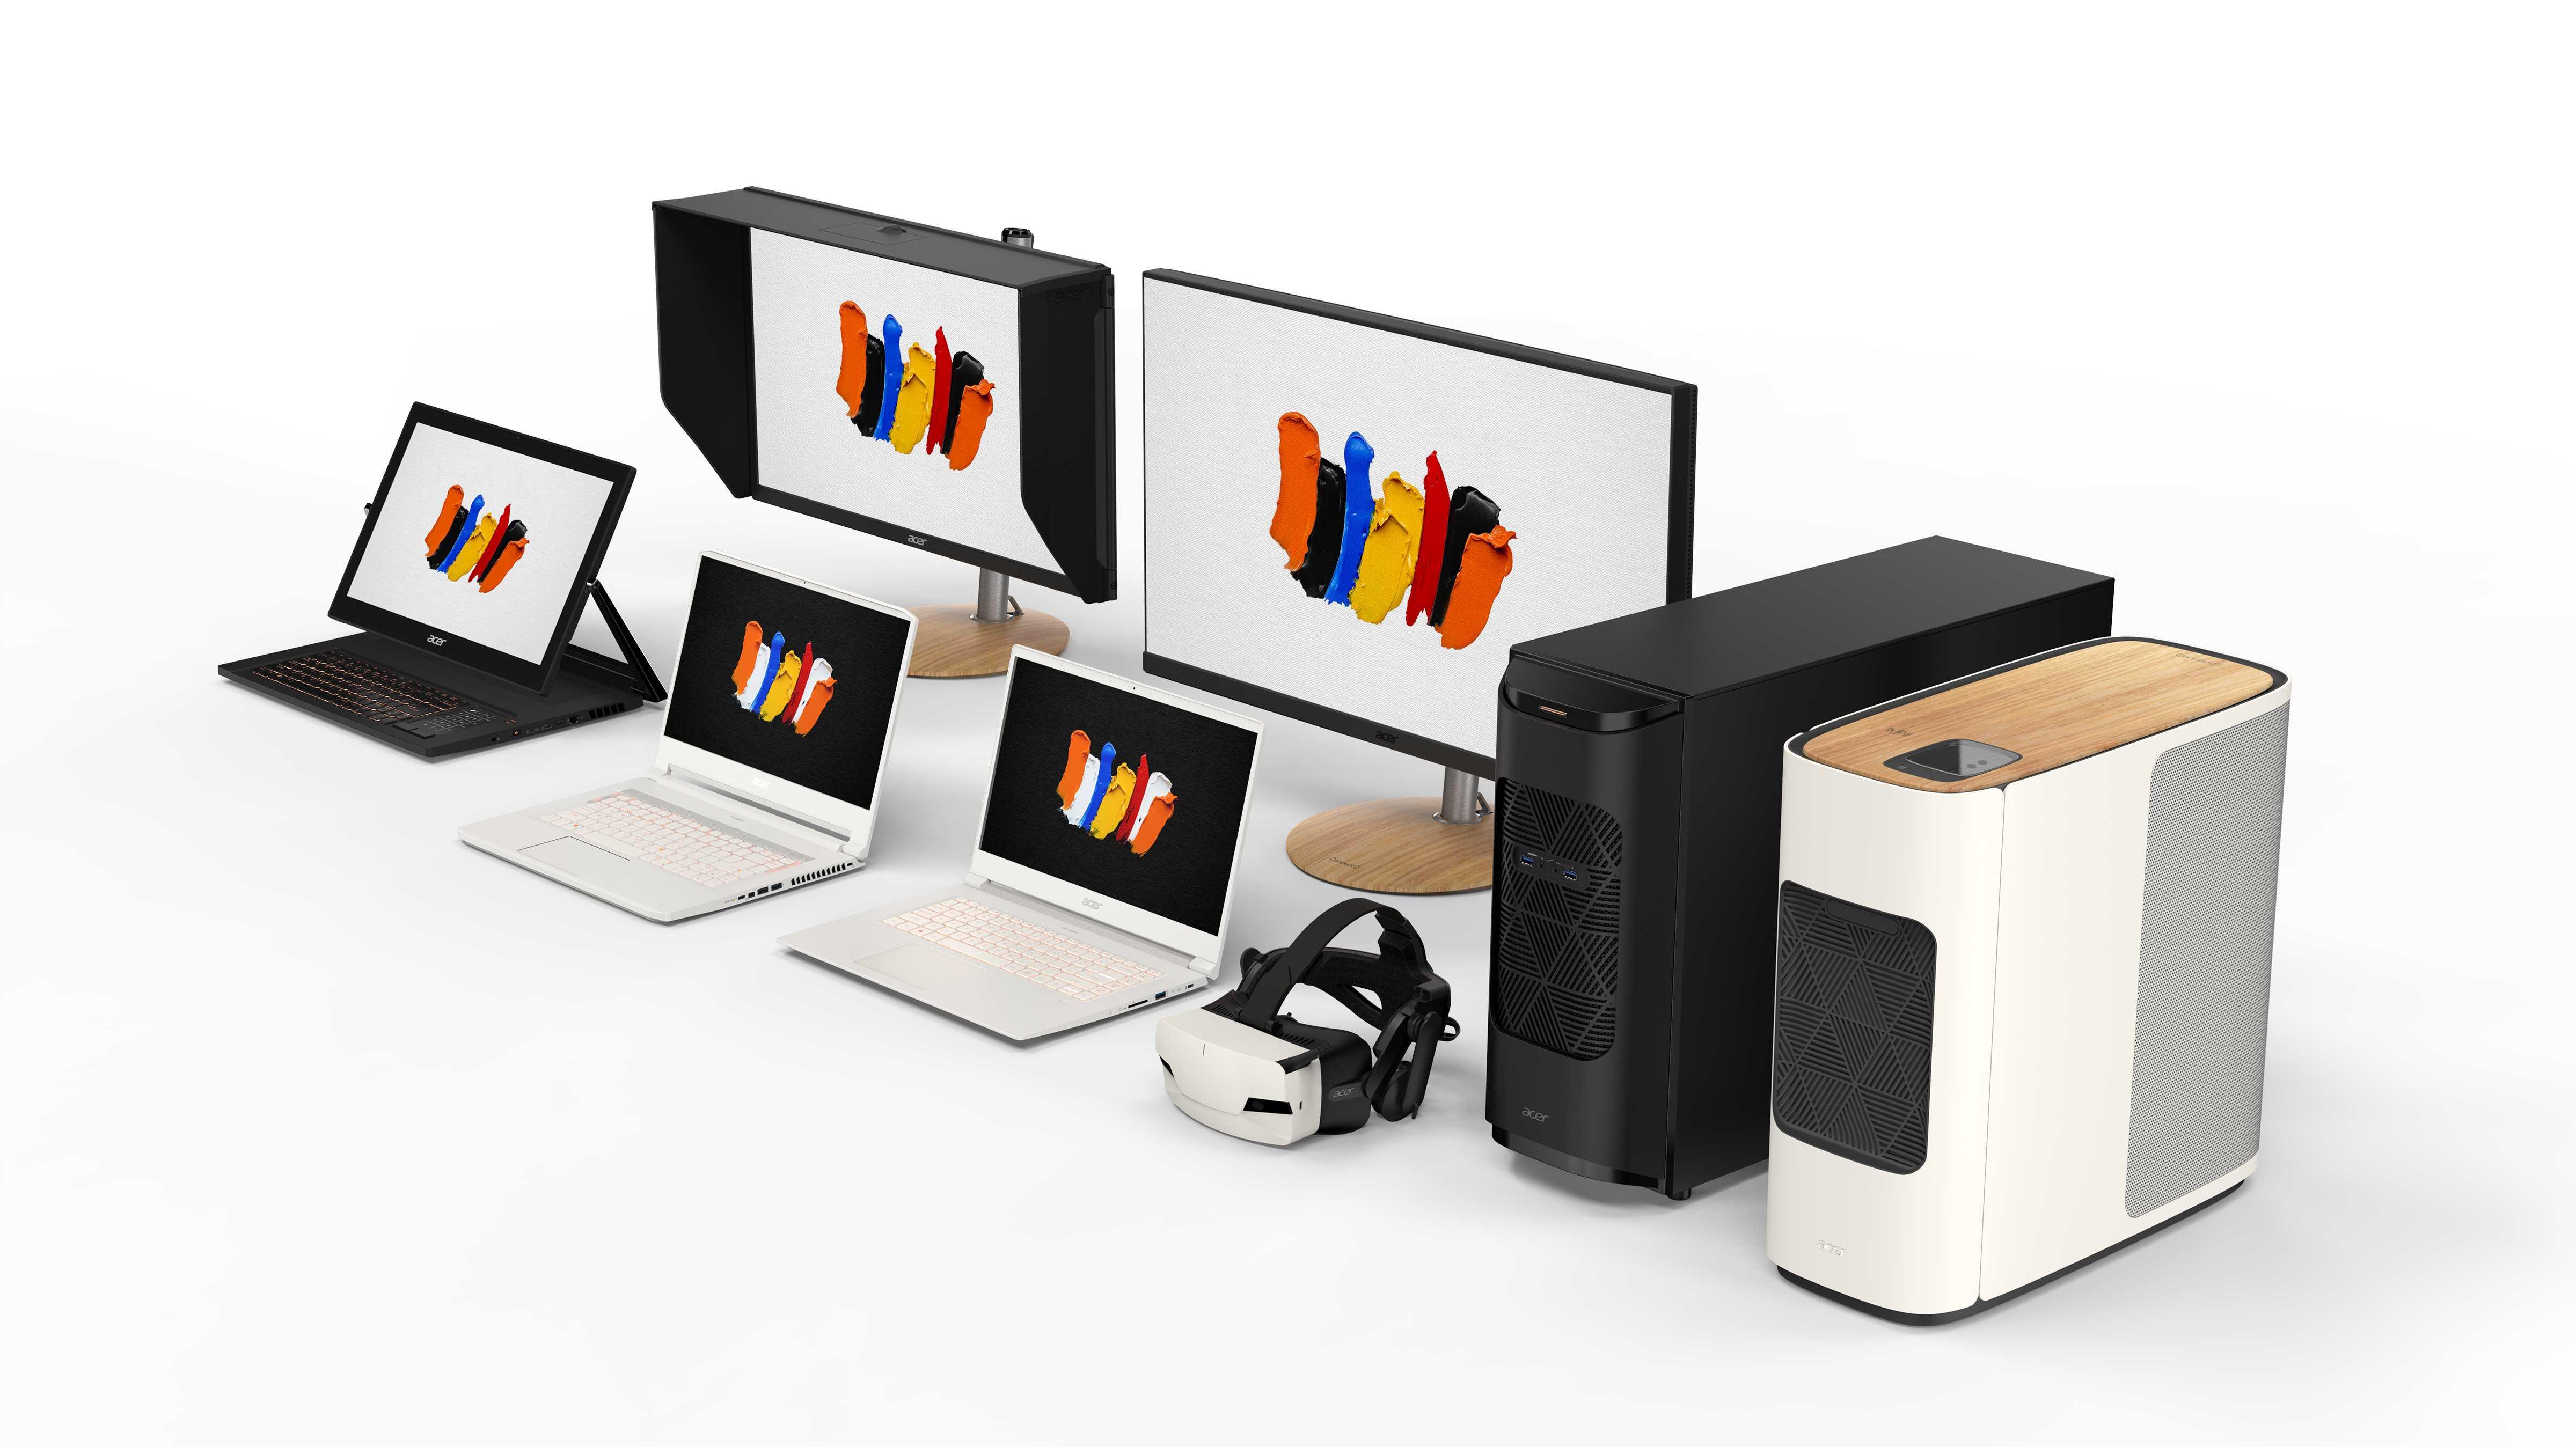 next@Acer: Acer launcht ConceptD als neue High-End-Gerätelinie